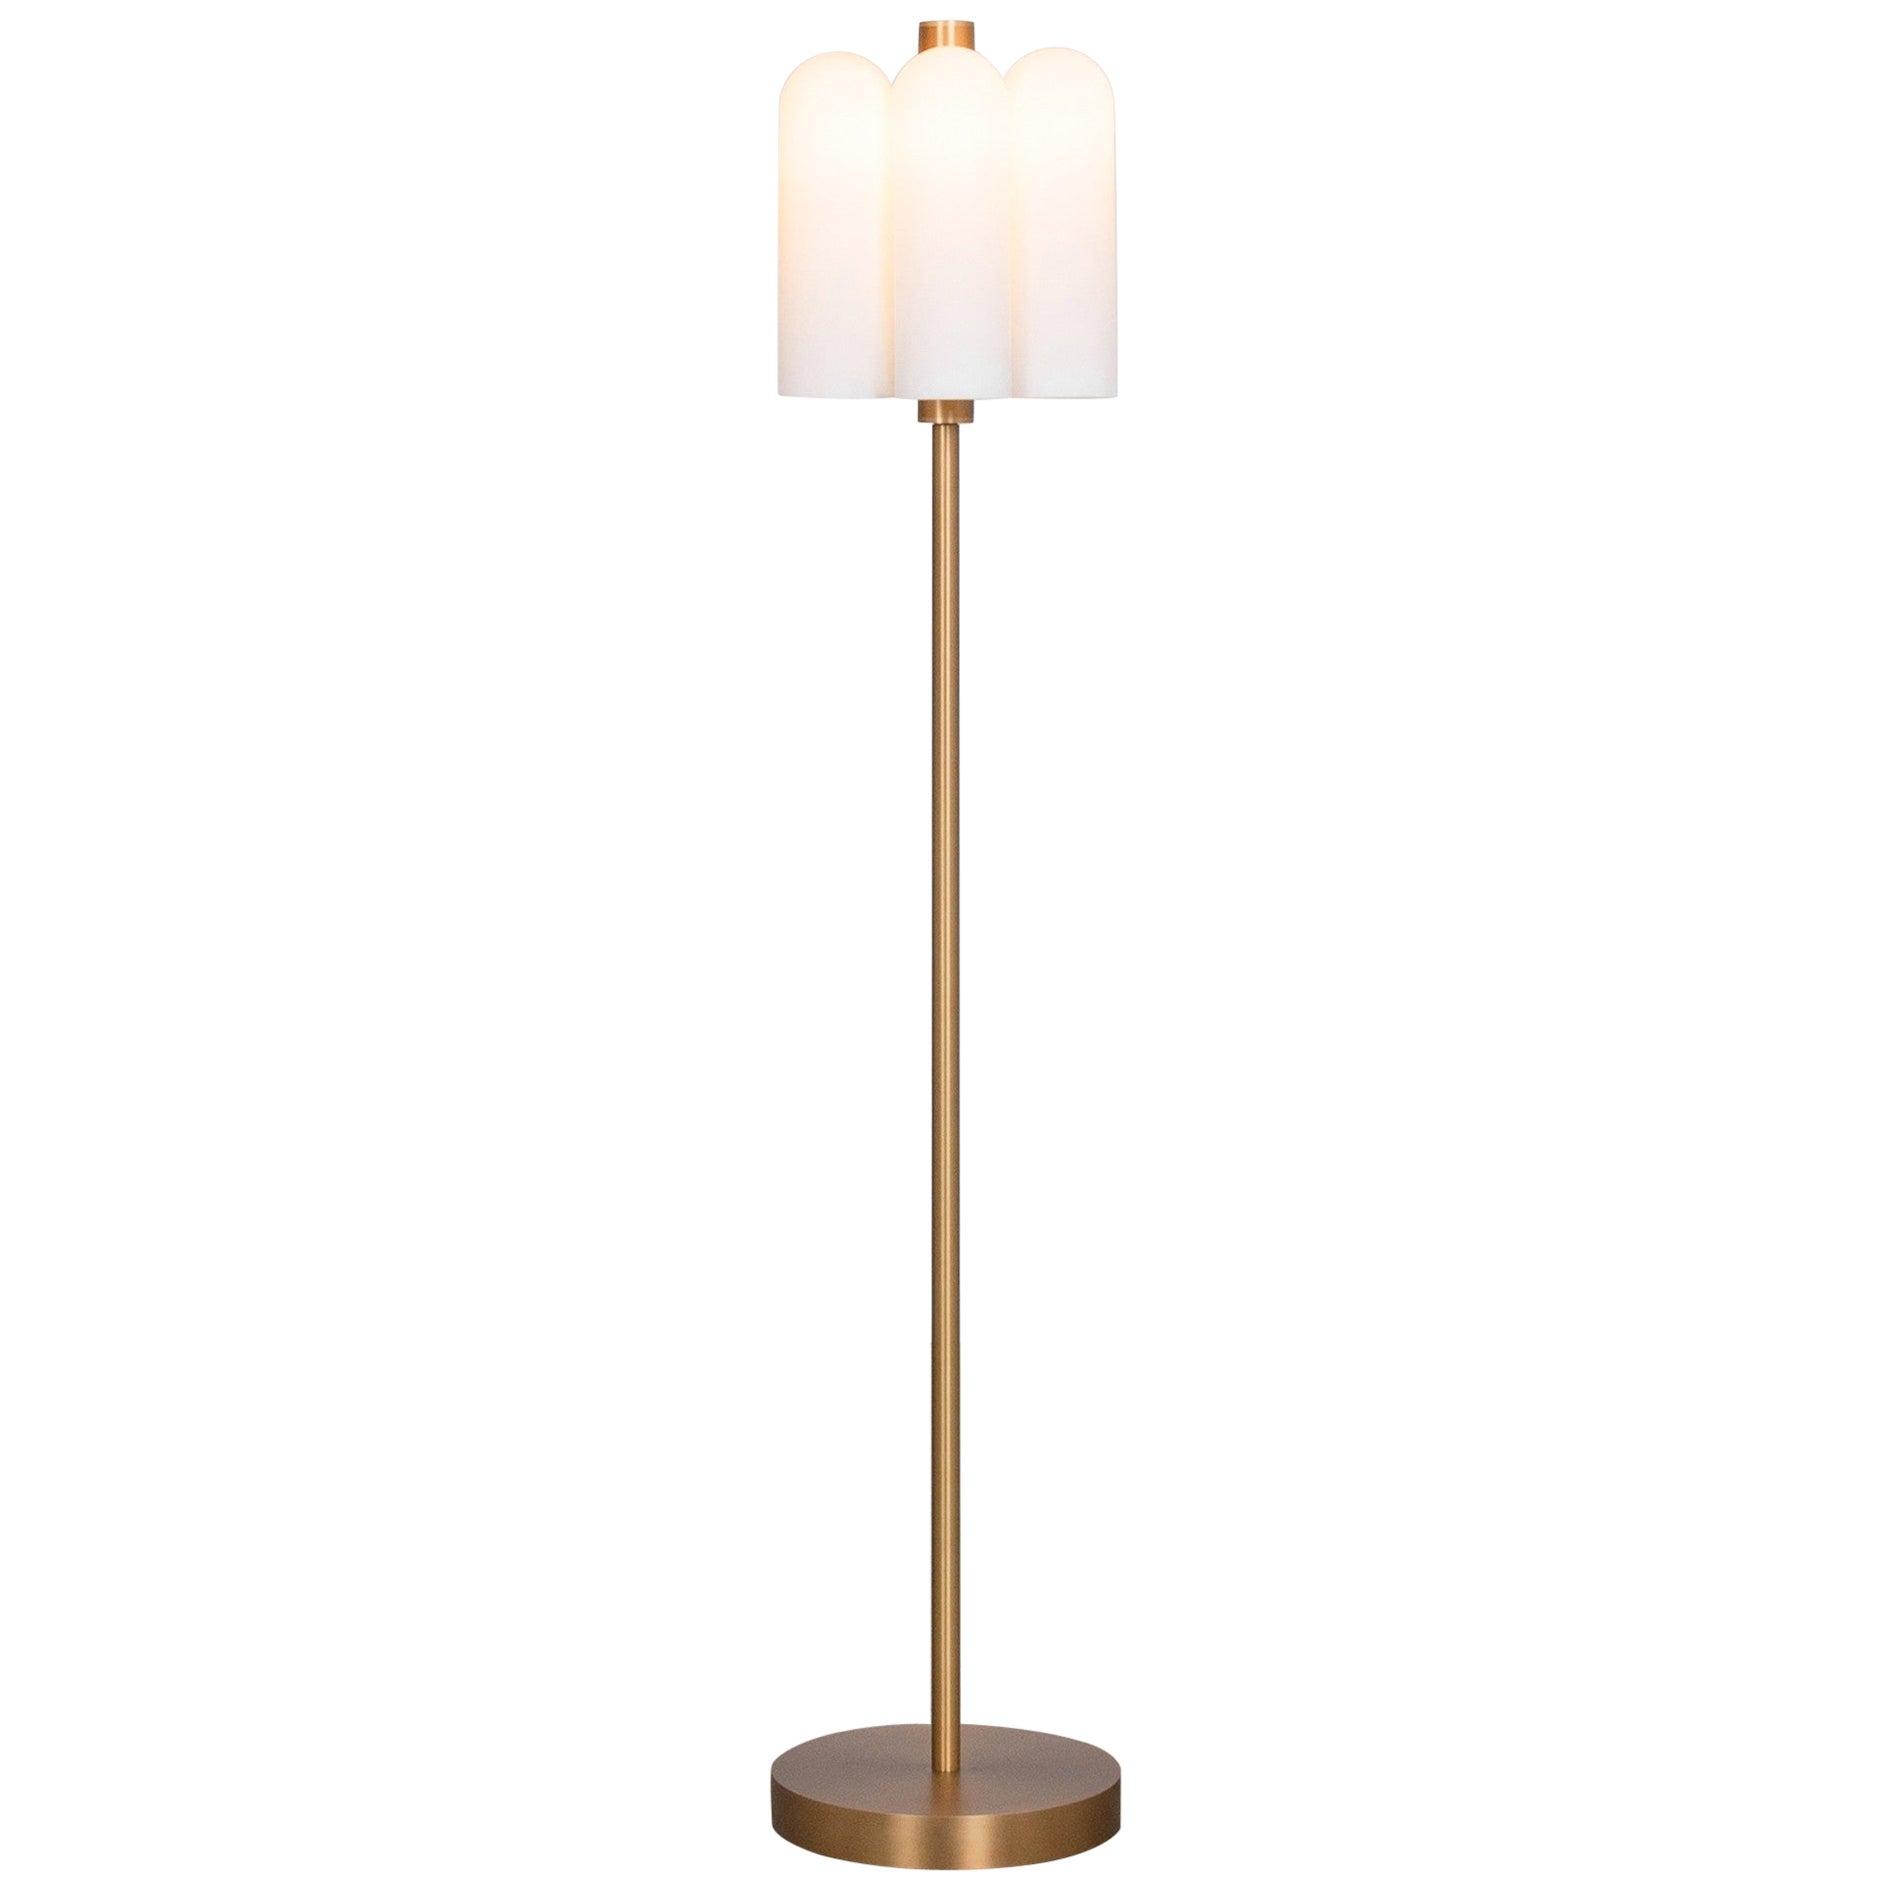 Brass Floor Lamp by Schwung